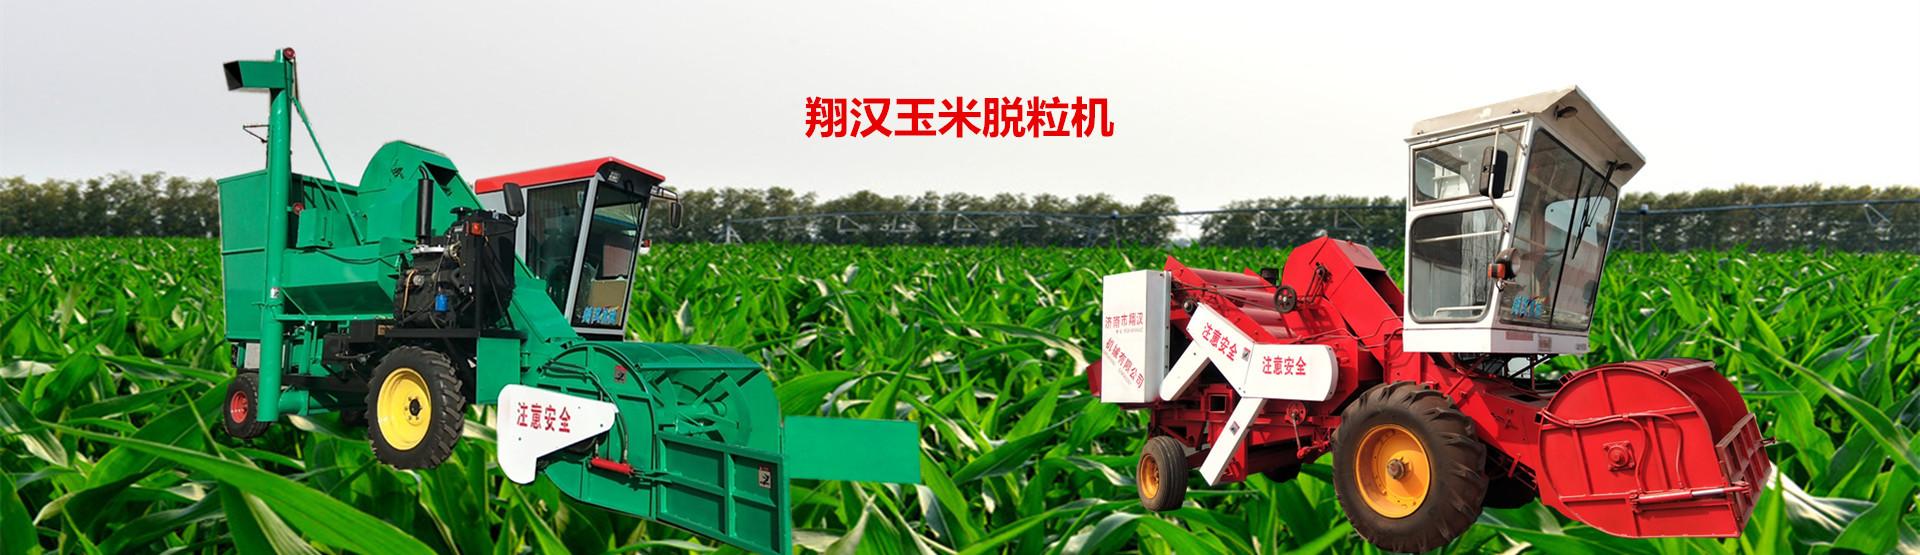 玉米脱粒机厂家